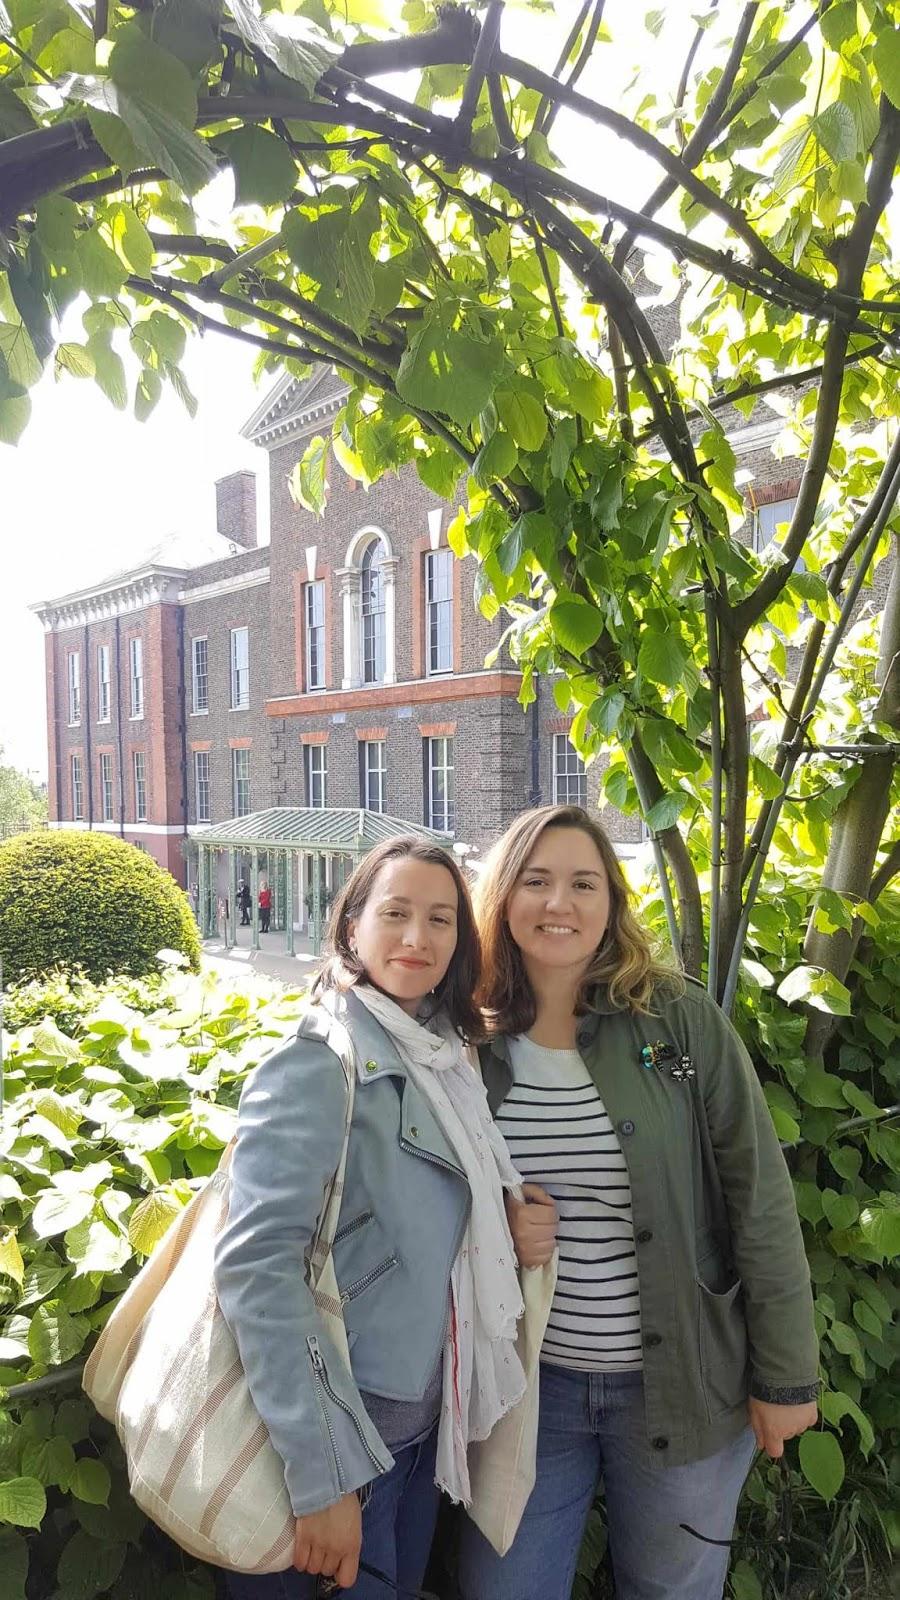 woody beauty dans les jardins de kensington londres 2018